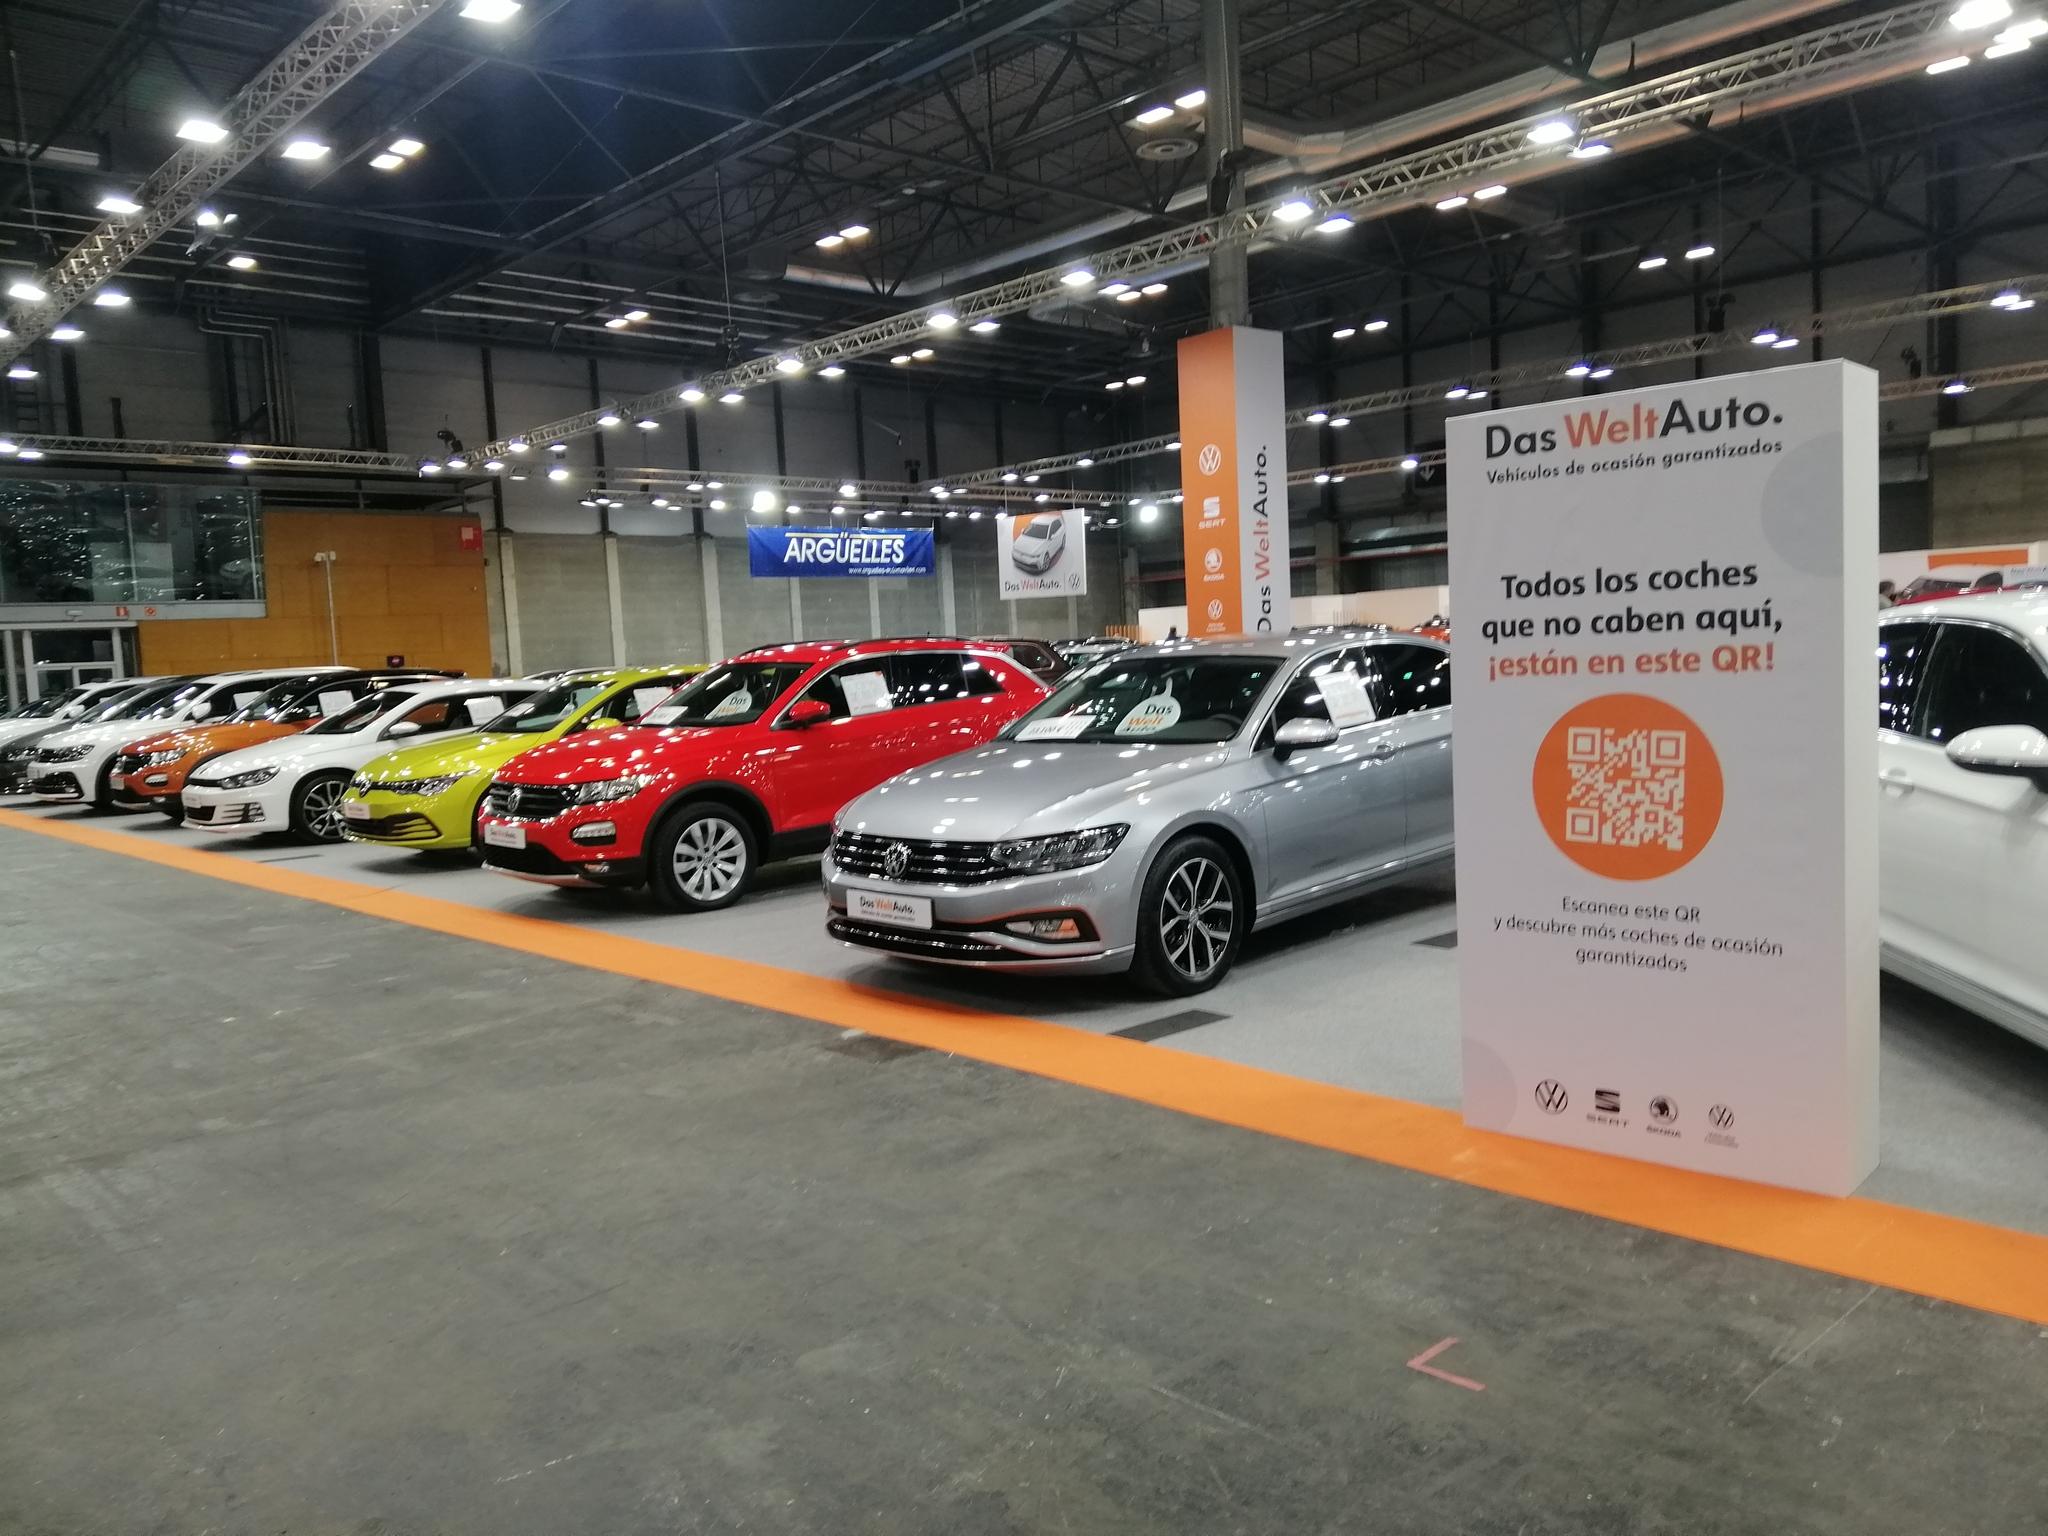 Das Welt Auto en el Salón del Vehículo de Ocasión de Ifema